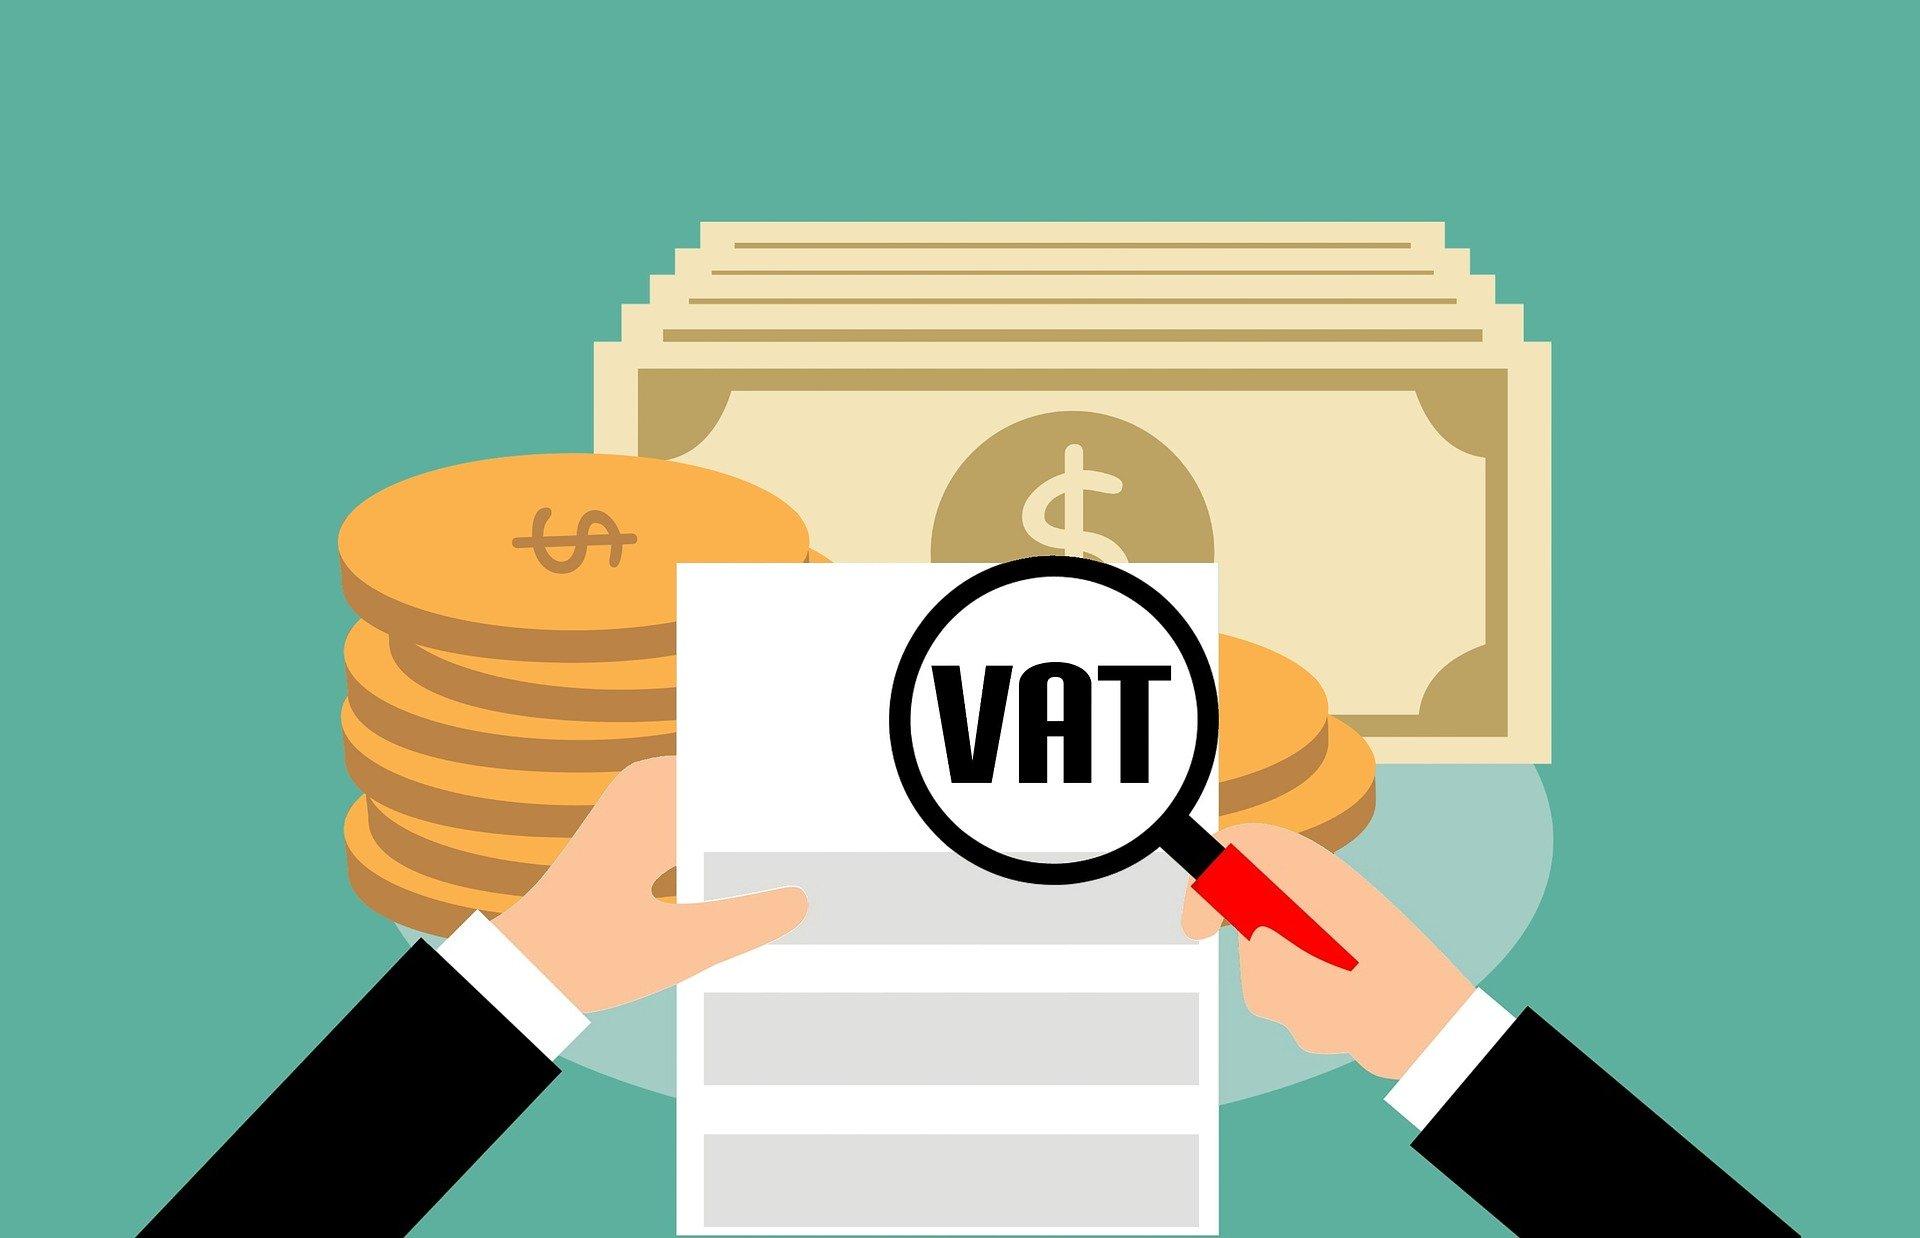 hộ kinh doanh có được xuất hóa đơn VAT không? 2